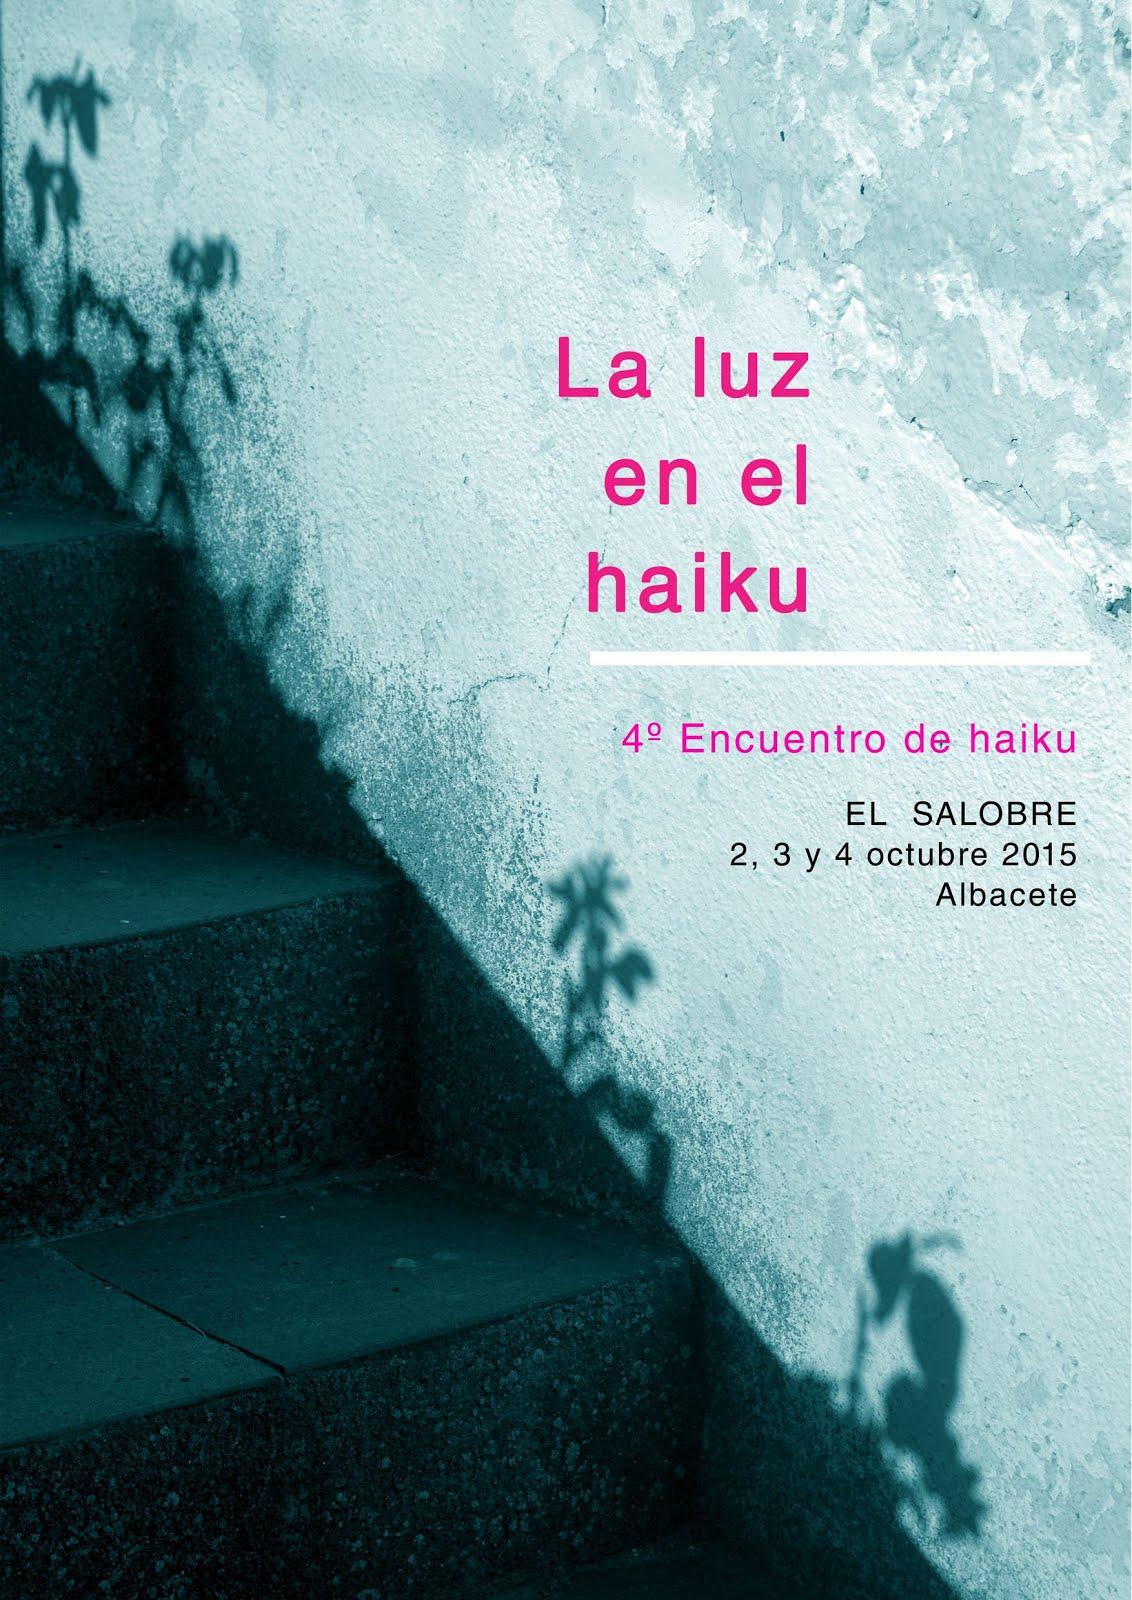 Cuarto Encuentro de Haiku - El Salobre 2015